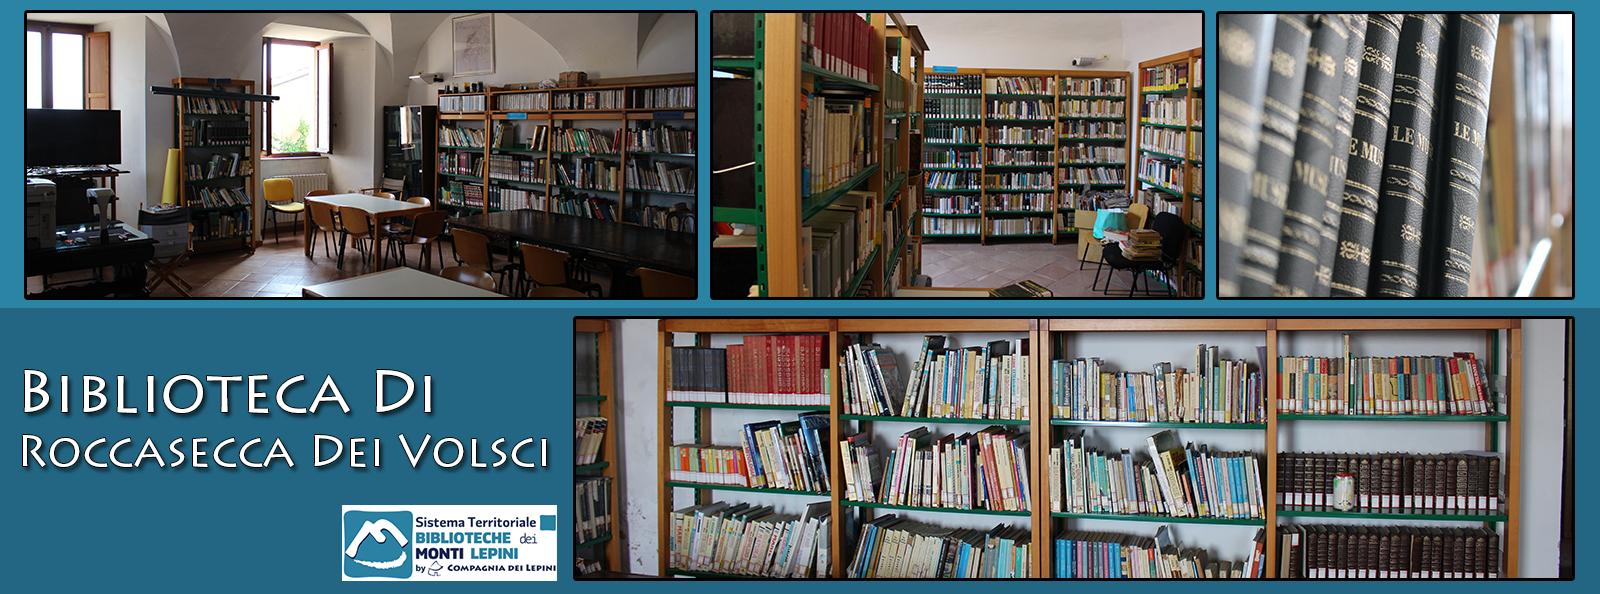 Roccasecca dei Volsci - Biblioteca Comunale